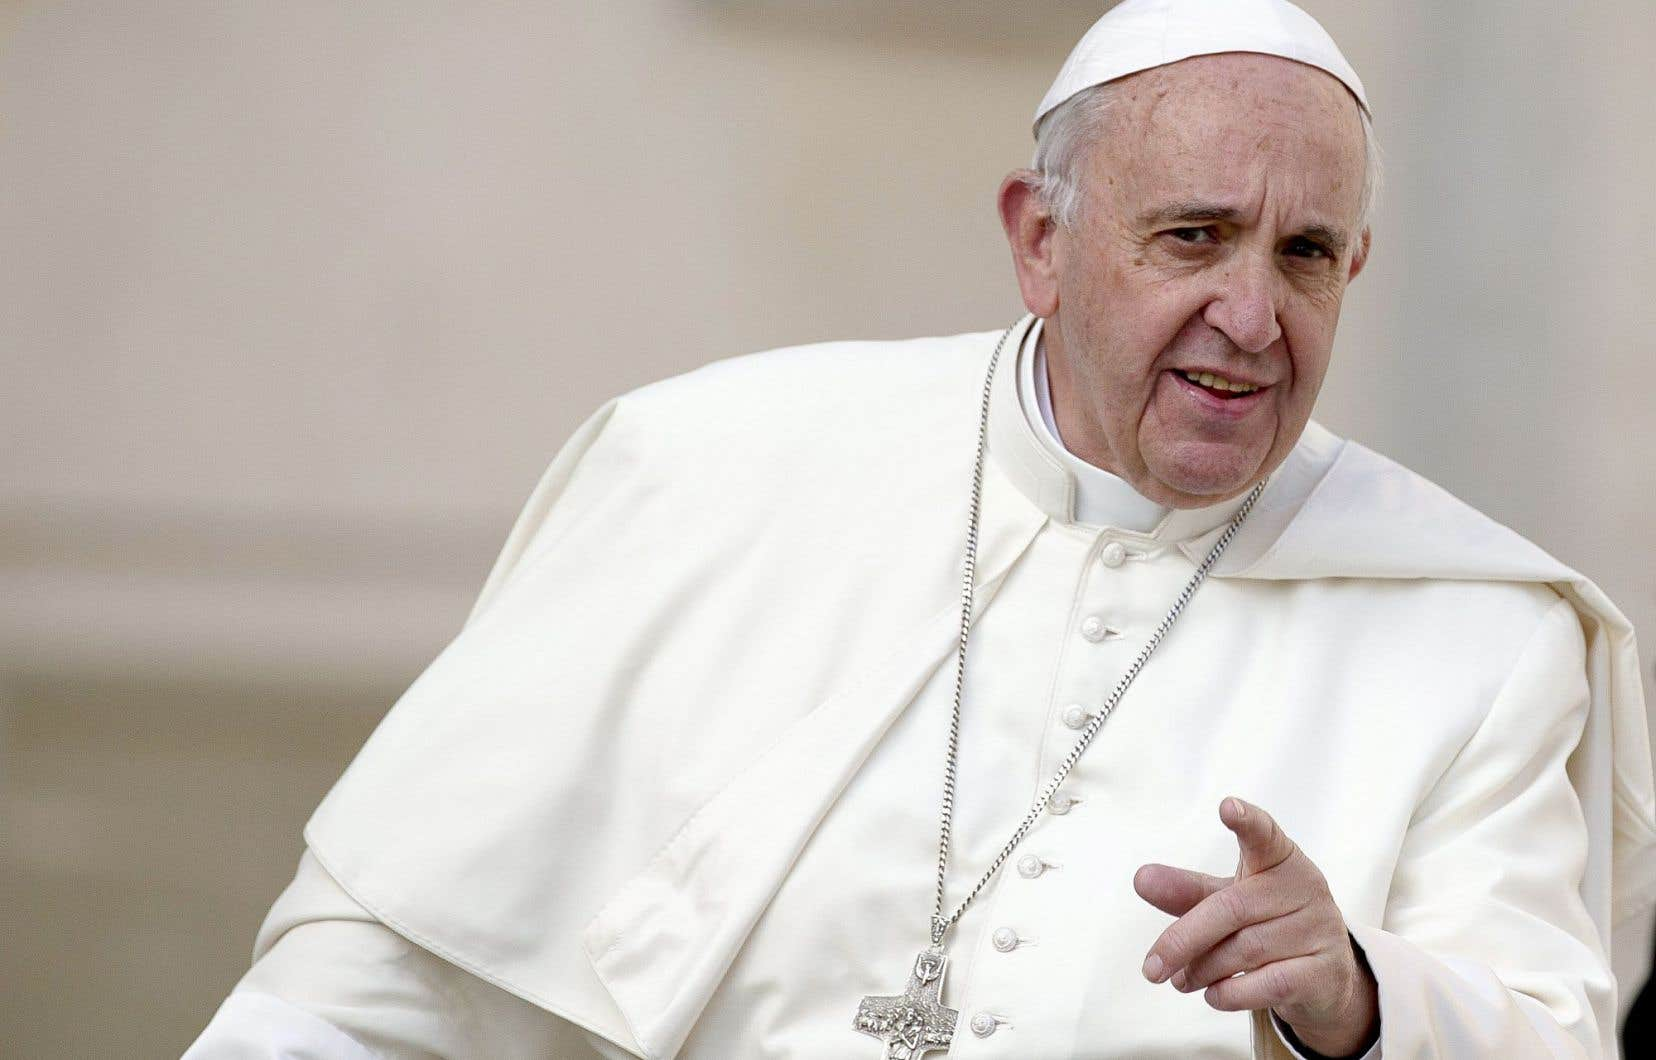 Le pape François tend la main aux divorcés remariés, et à tous ceux vivant «en situation irrégulière» dans l'Église catholique, mais sans bouger sur les homosexuels, dans ses conclusions publiées vendredi après deux synodes houleux.